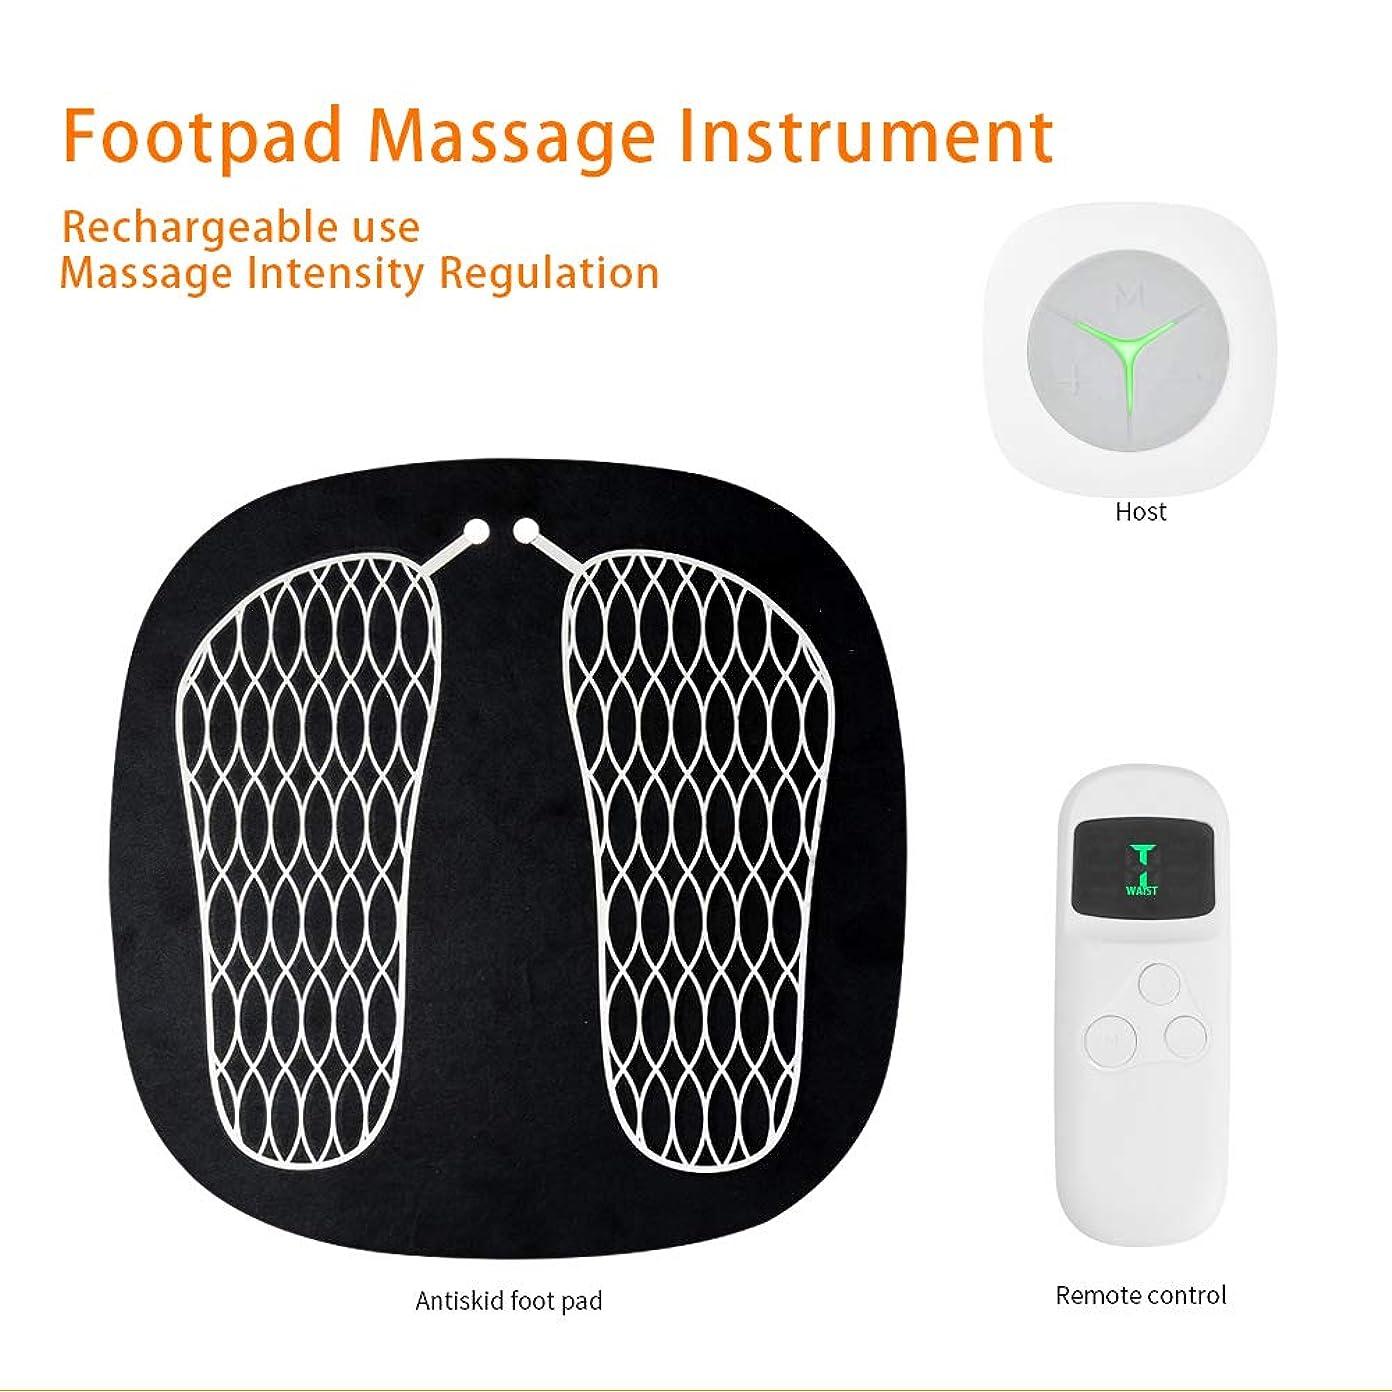 後悔適応くしゃみ指圧式フットマッサージャー、マルチファンクションインテリジェントフットマッサージ、倦怠感軽減、鍼治療のポイント、6モードUSBチャージ,White